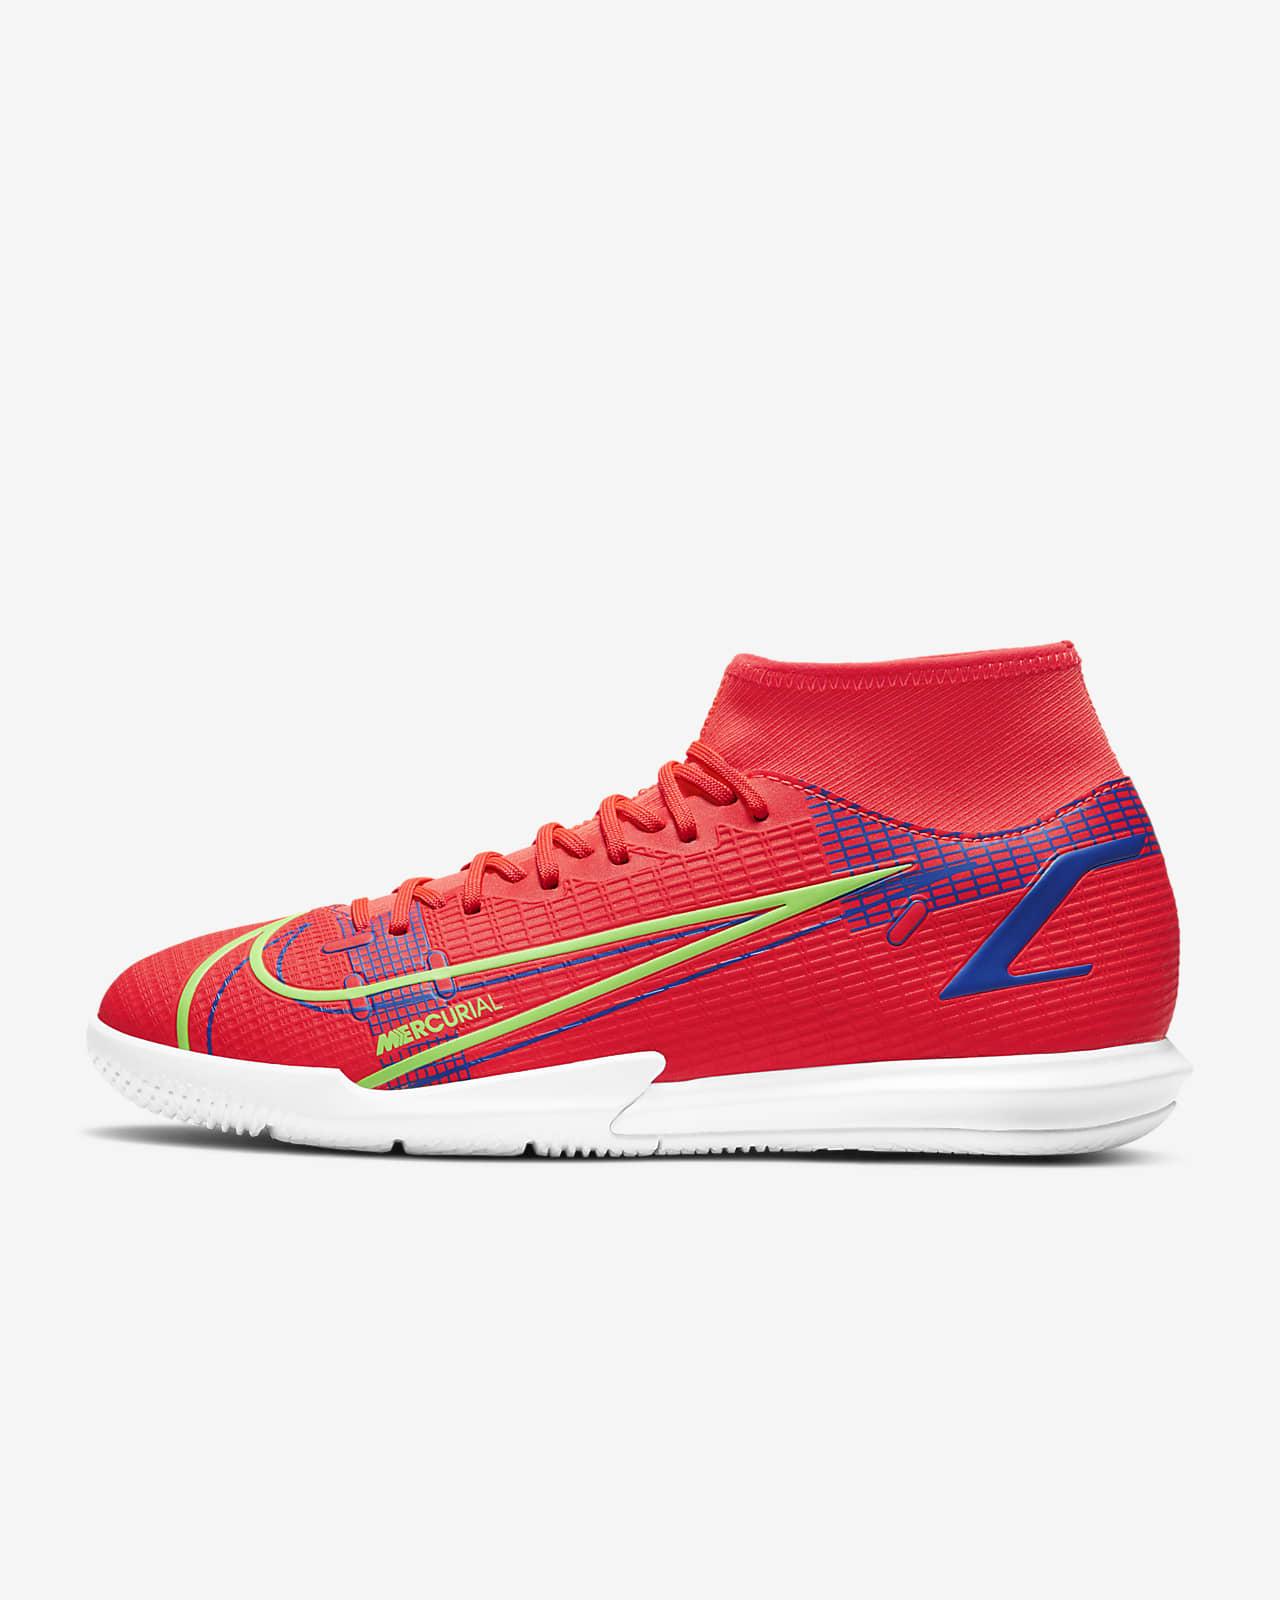 Fotbollssko Nike Mercurial Superfly 8 Academy IC för inomhusplaner/futsal/street